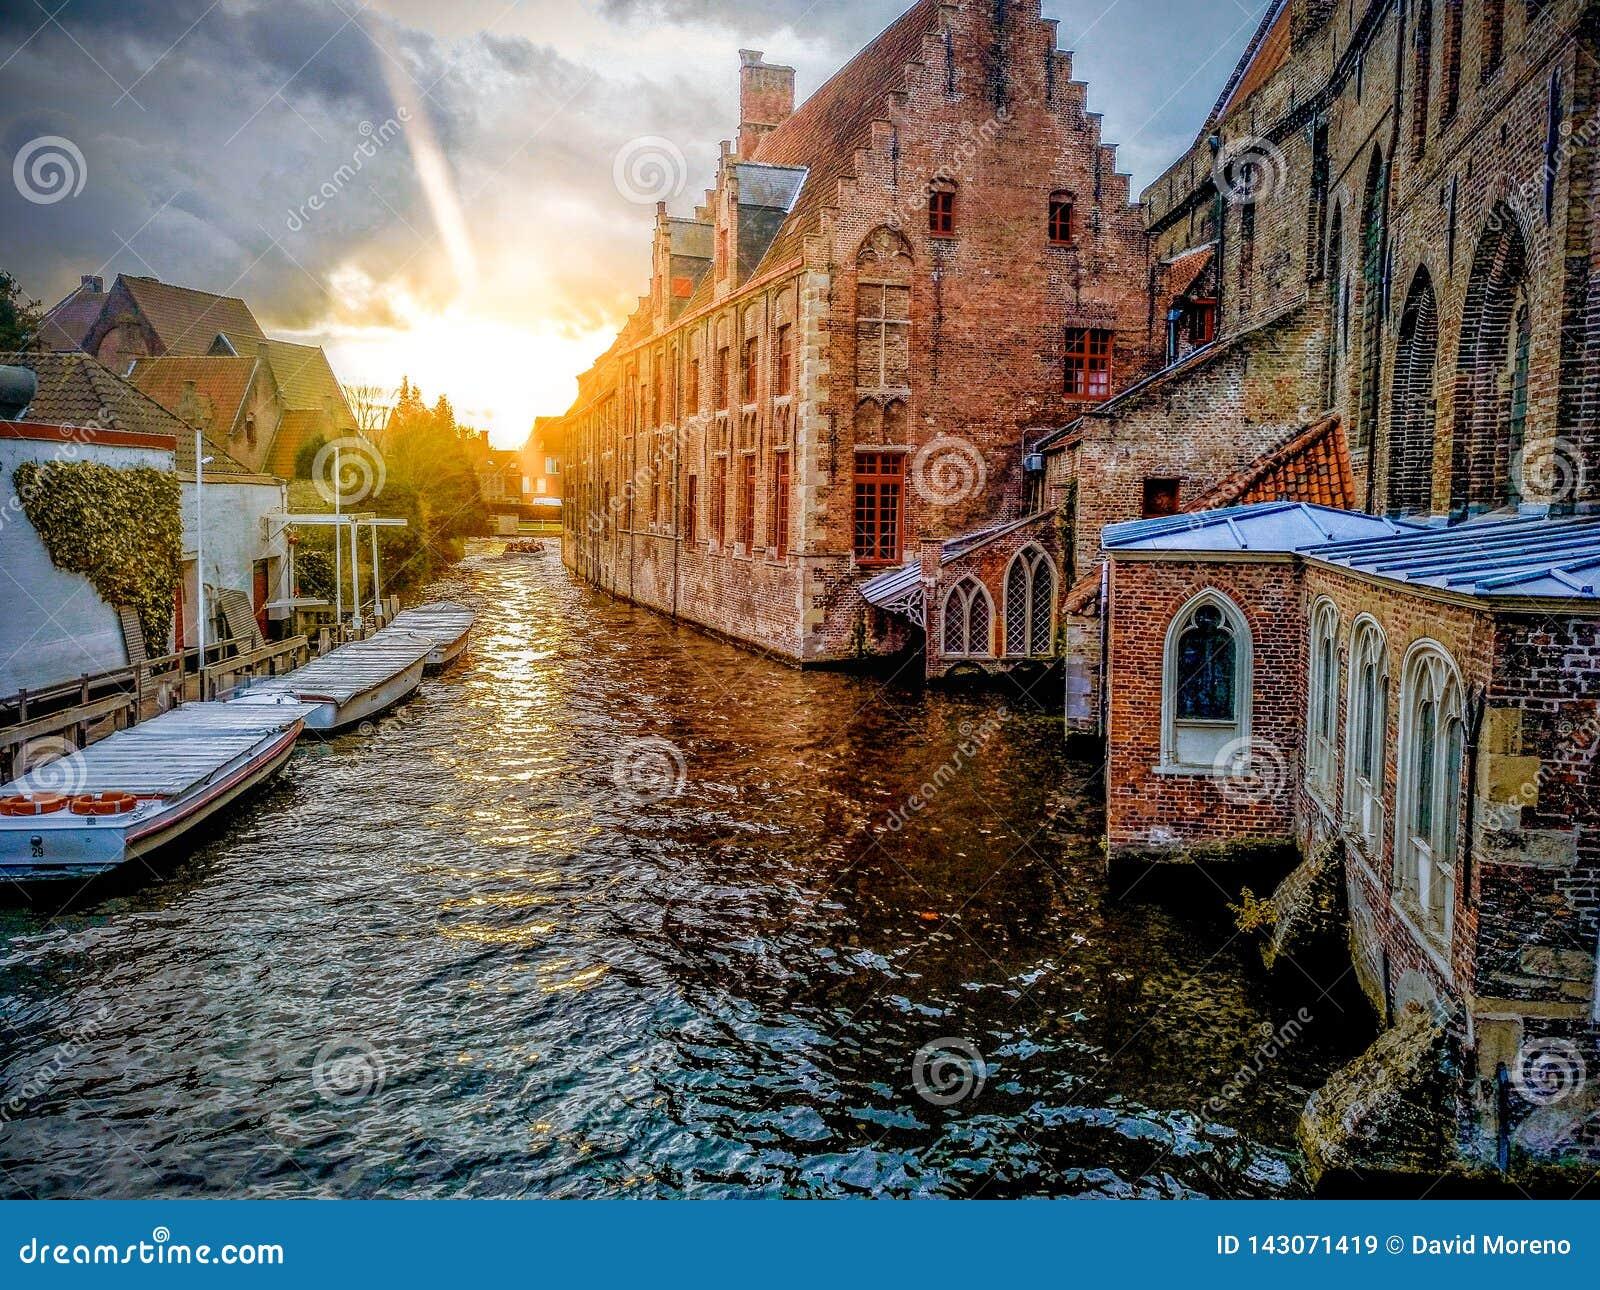 Kanały średniowieczny miasto Brugge używać typowe łodzie nad kanałami w Belgia